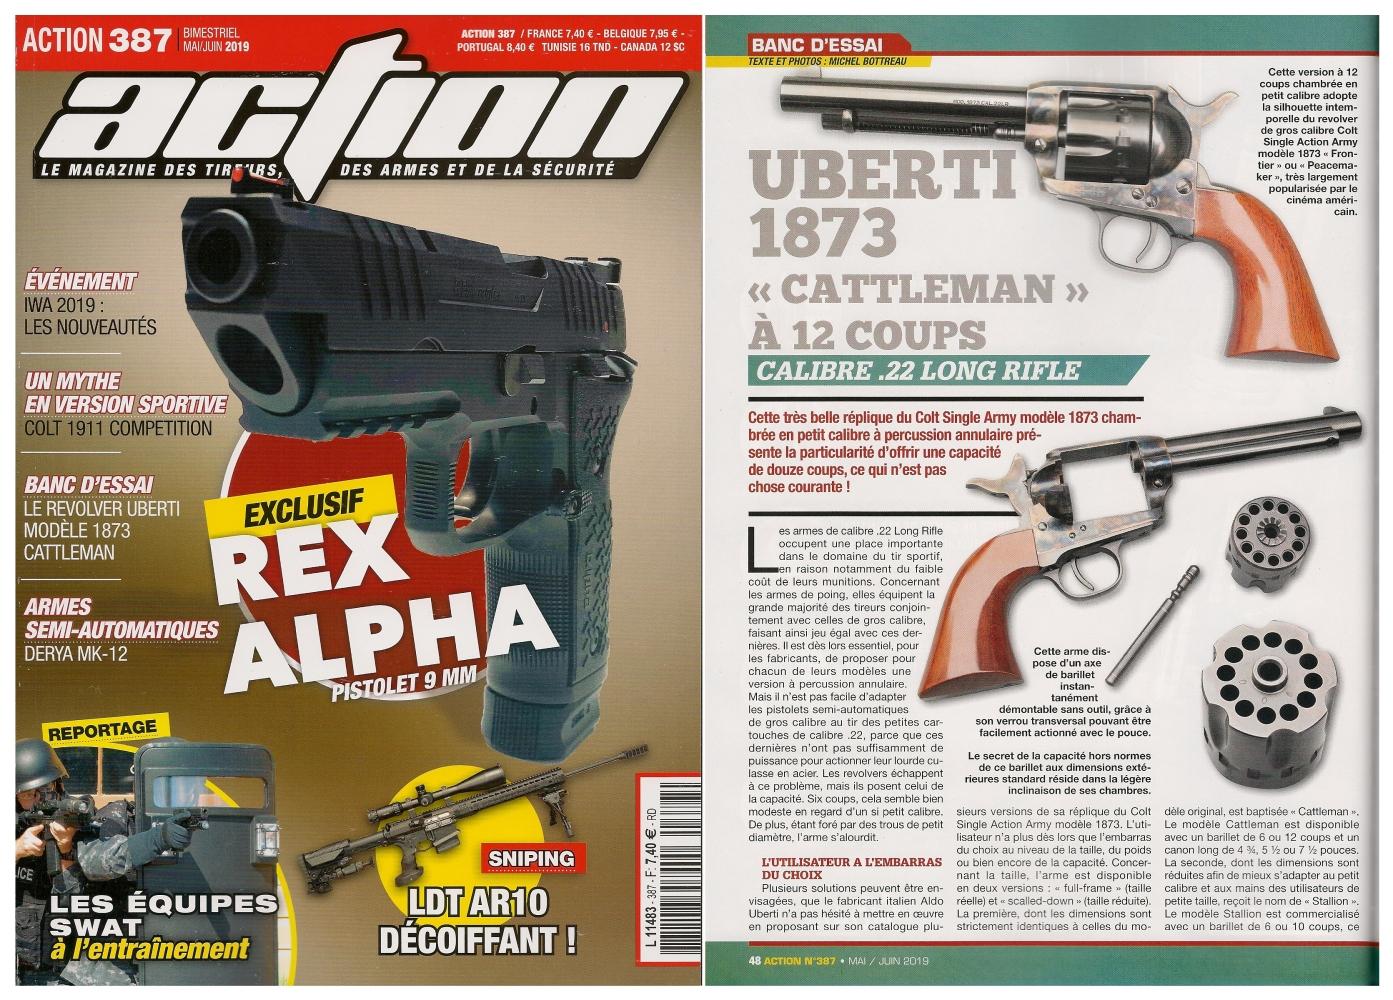 Le banc d'essai du revolver Uberti 1873 Cattleman a été publié sur 5 pages dans le magazine Action n°387 (mai/juin 2019).